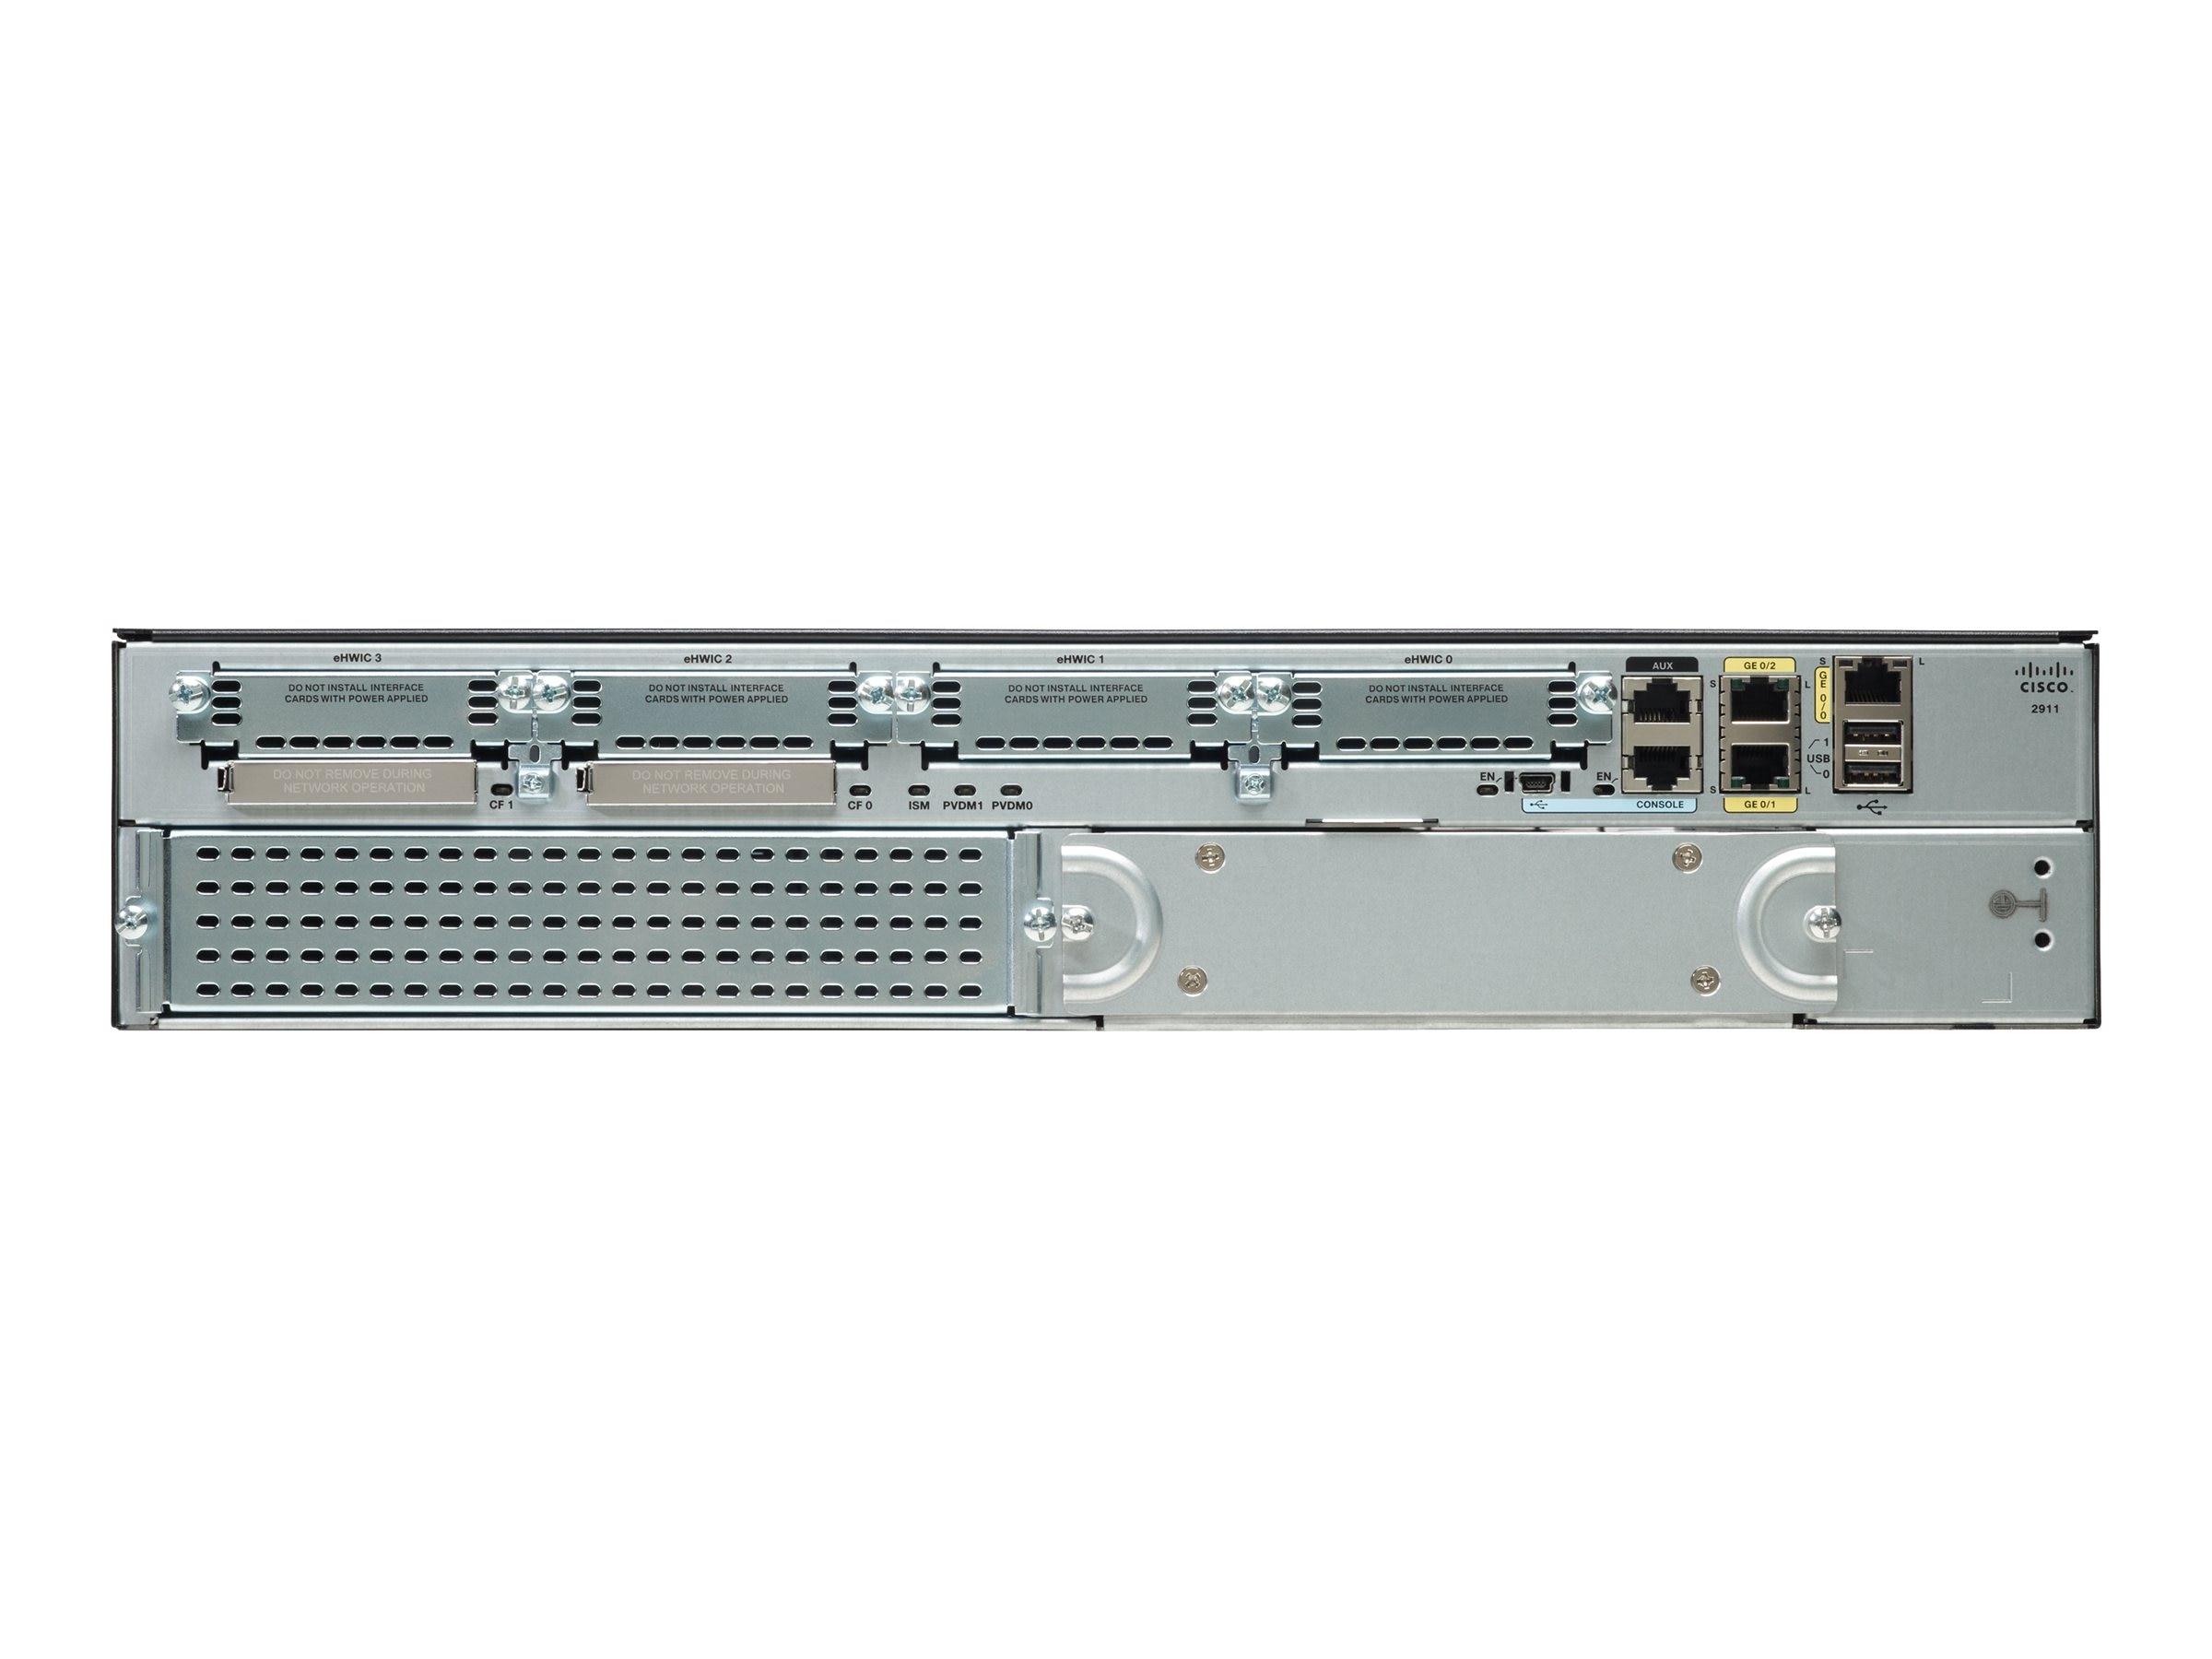 Cisco CISCO2911/K9 Image 3